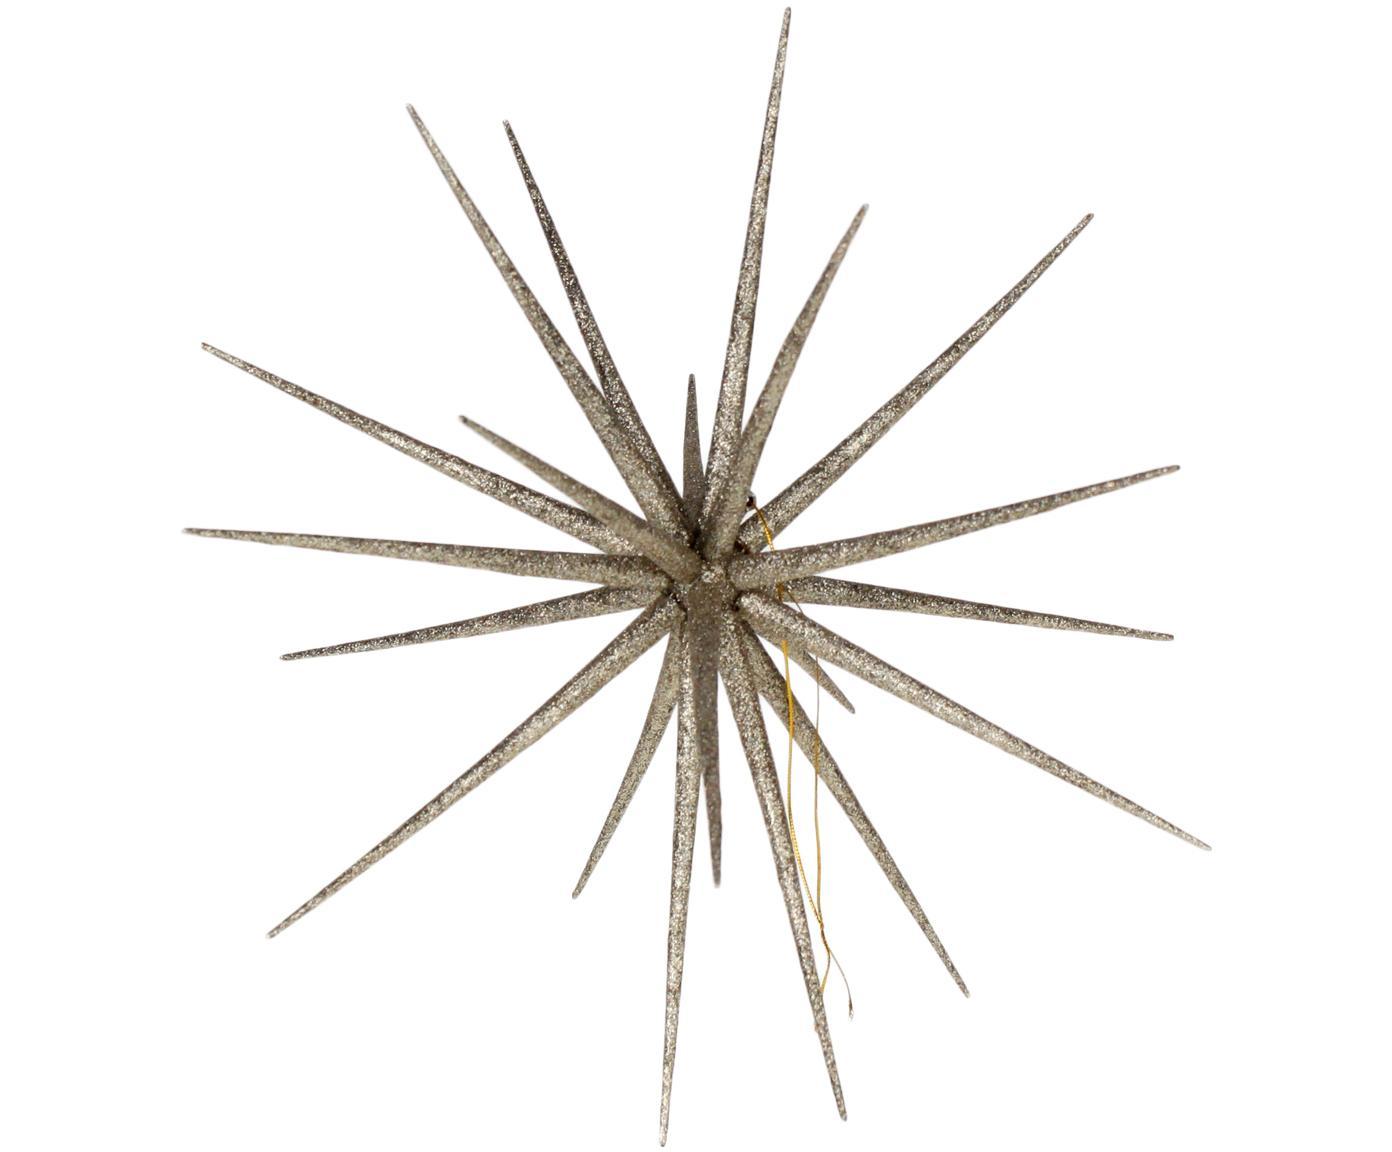 Dekoracja wisząca Sputnik, Tworzywo sztuczne, Odcienie szampańskiego, Ø 37 cm